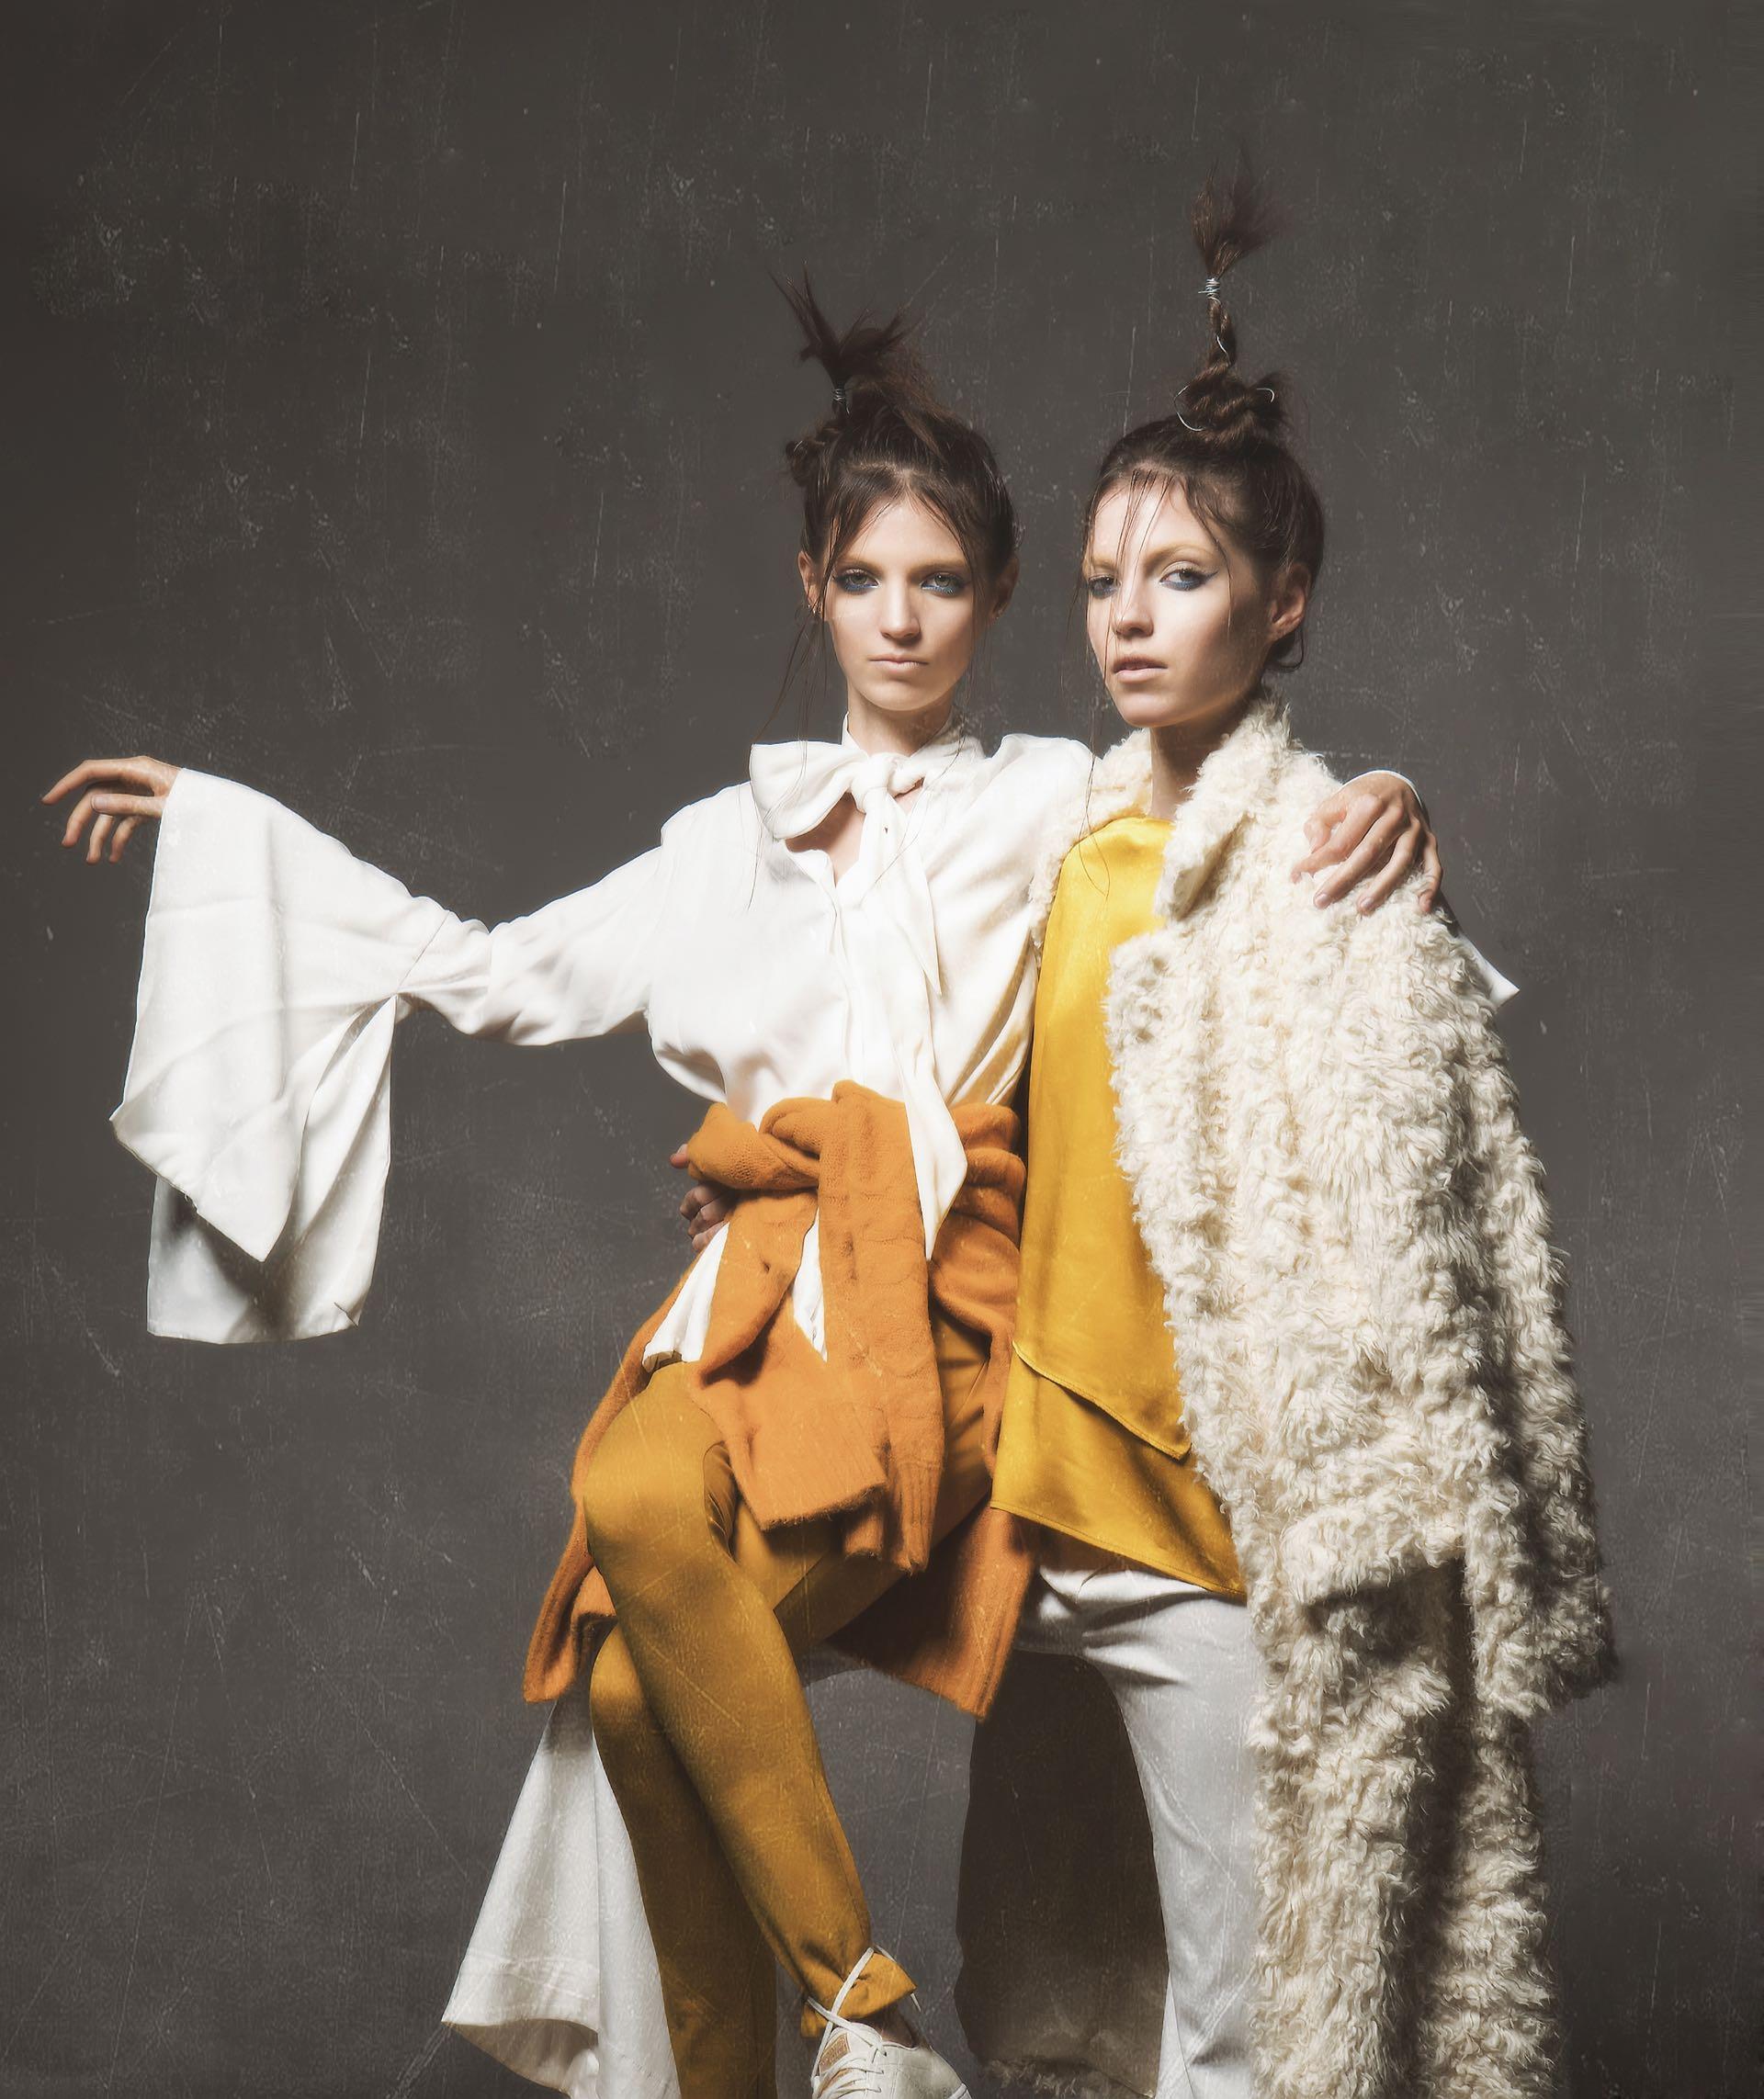 Tapado de piel de cabra rizada sintética ($ 8.498, Ayres), pantalón Oxford ($ 2.590, Allô Martínez) y blusa de seda con manga farol ($ 1.575, Ossira).